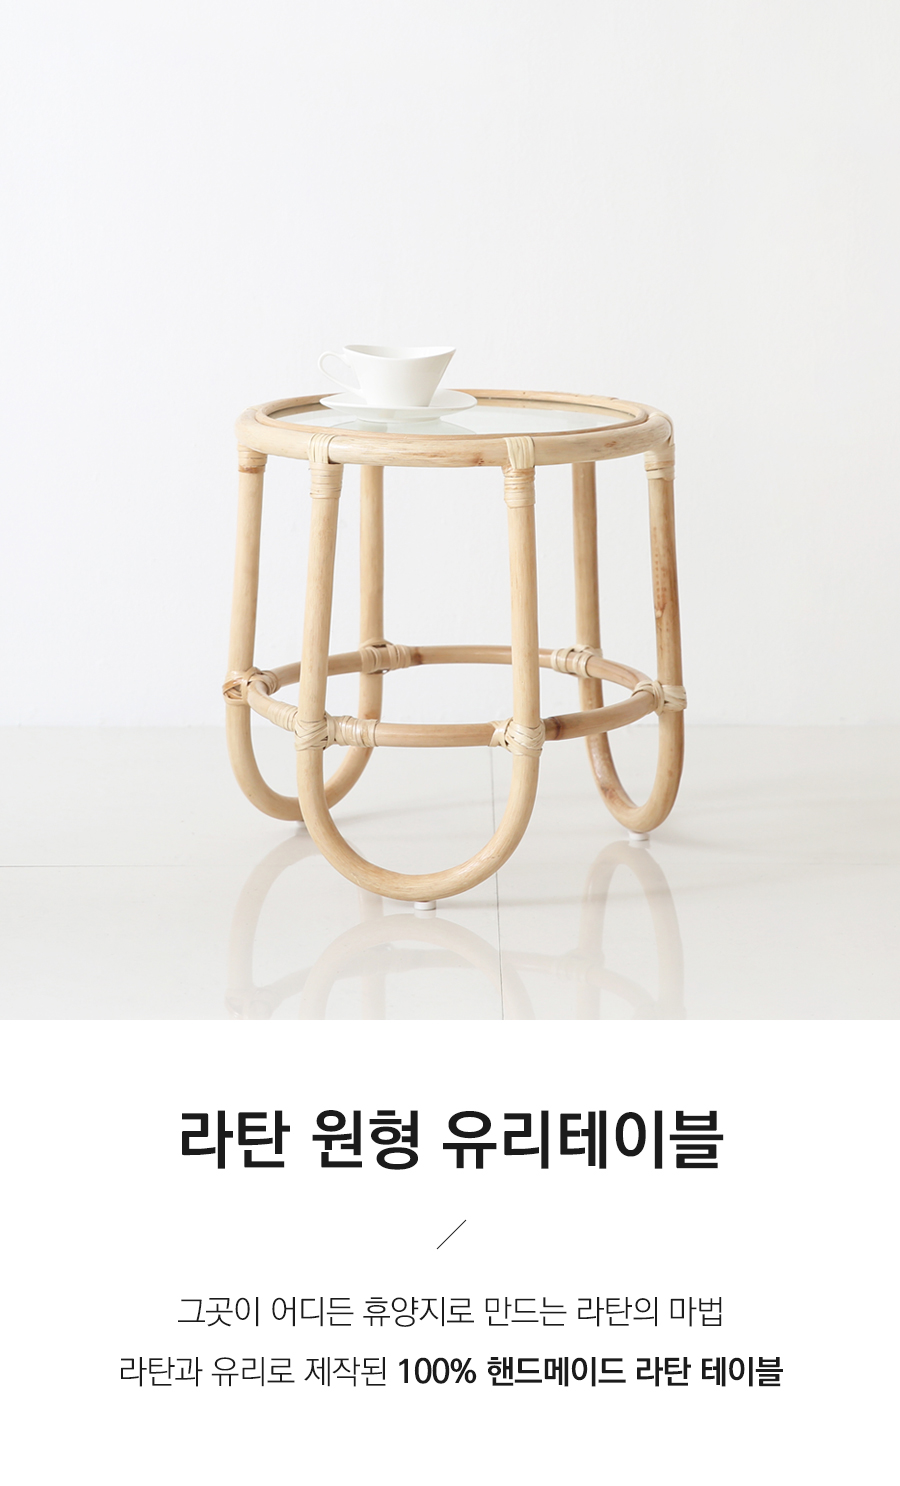 라탄 원형 유리테이블 - 이소품, 142,000원, 거실 테이블, 사이드테이블